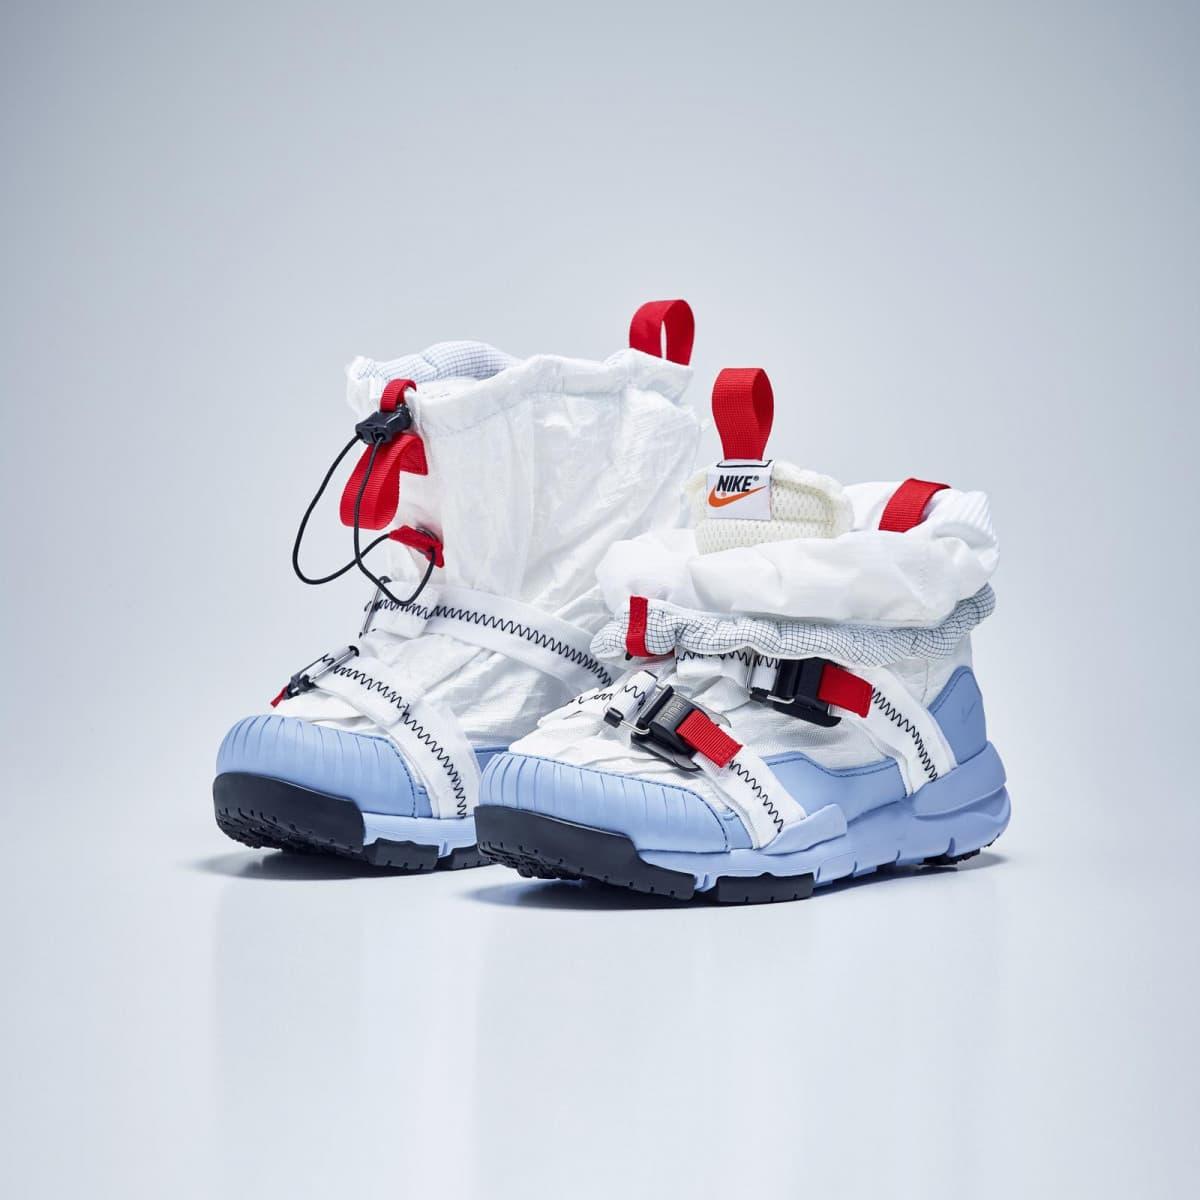 トム・サックス渾身の一足 Nike Mars Yard Overshoe の公式ビジュアルが解禁